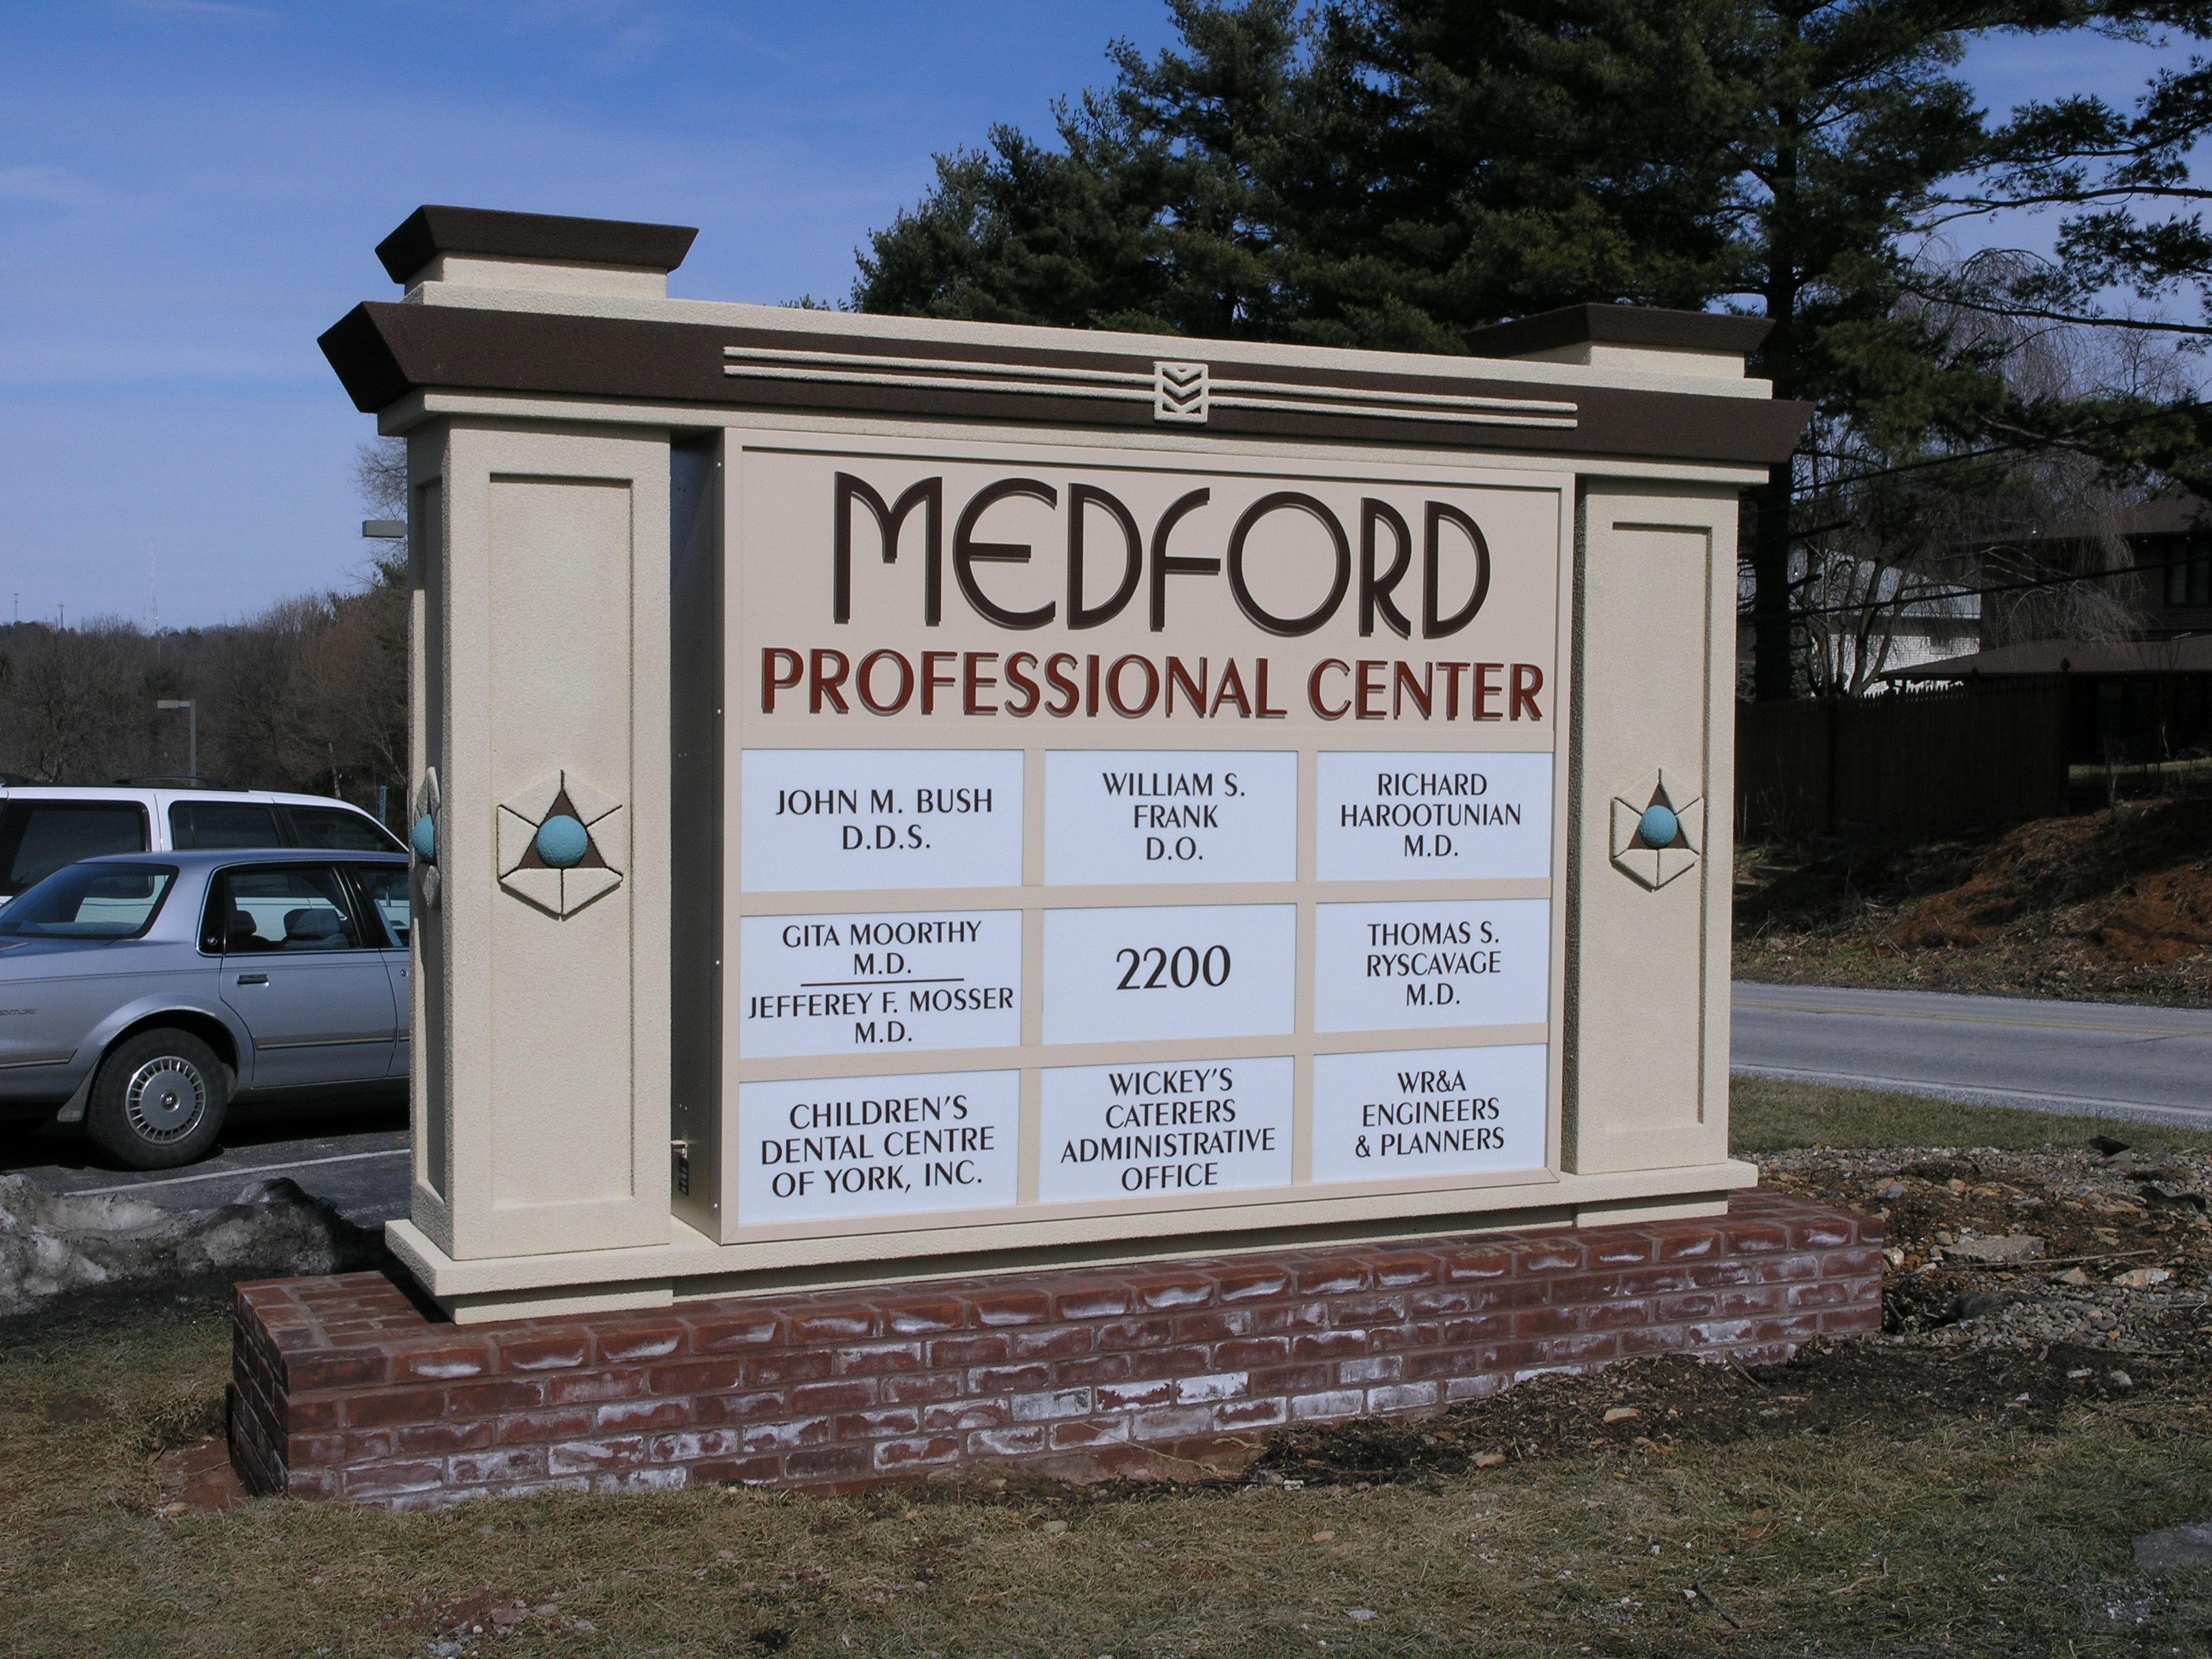 Medford Professional Center - Monument